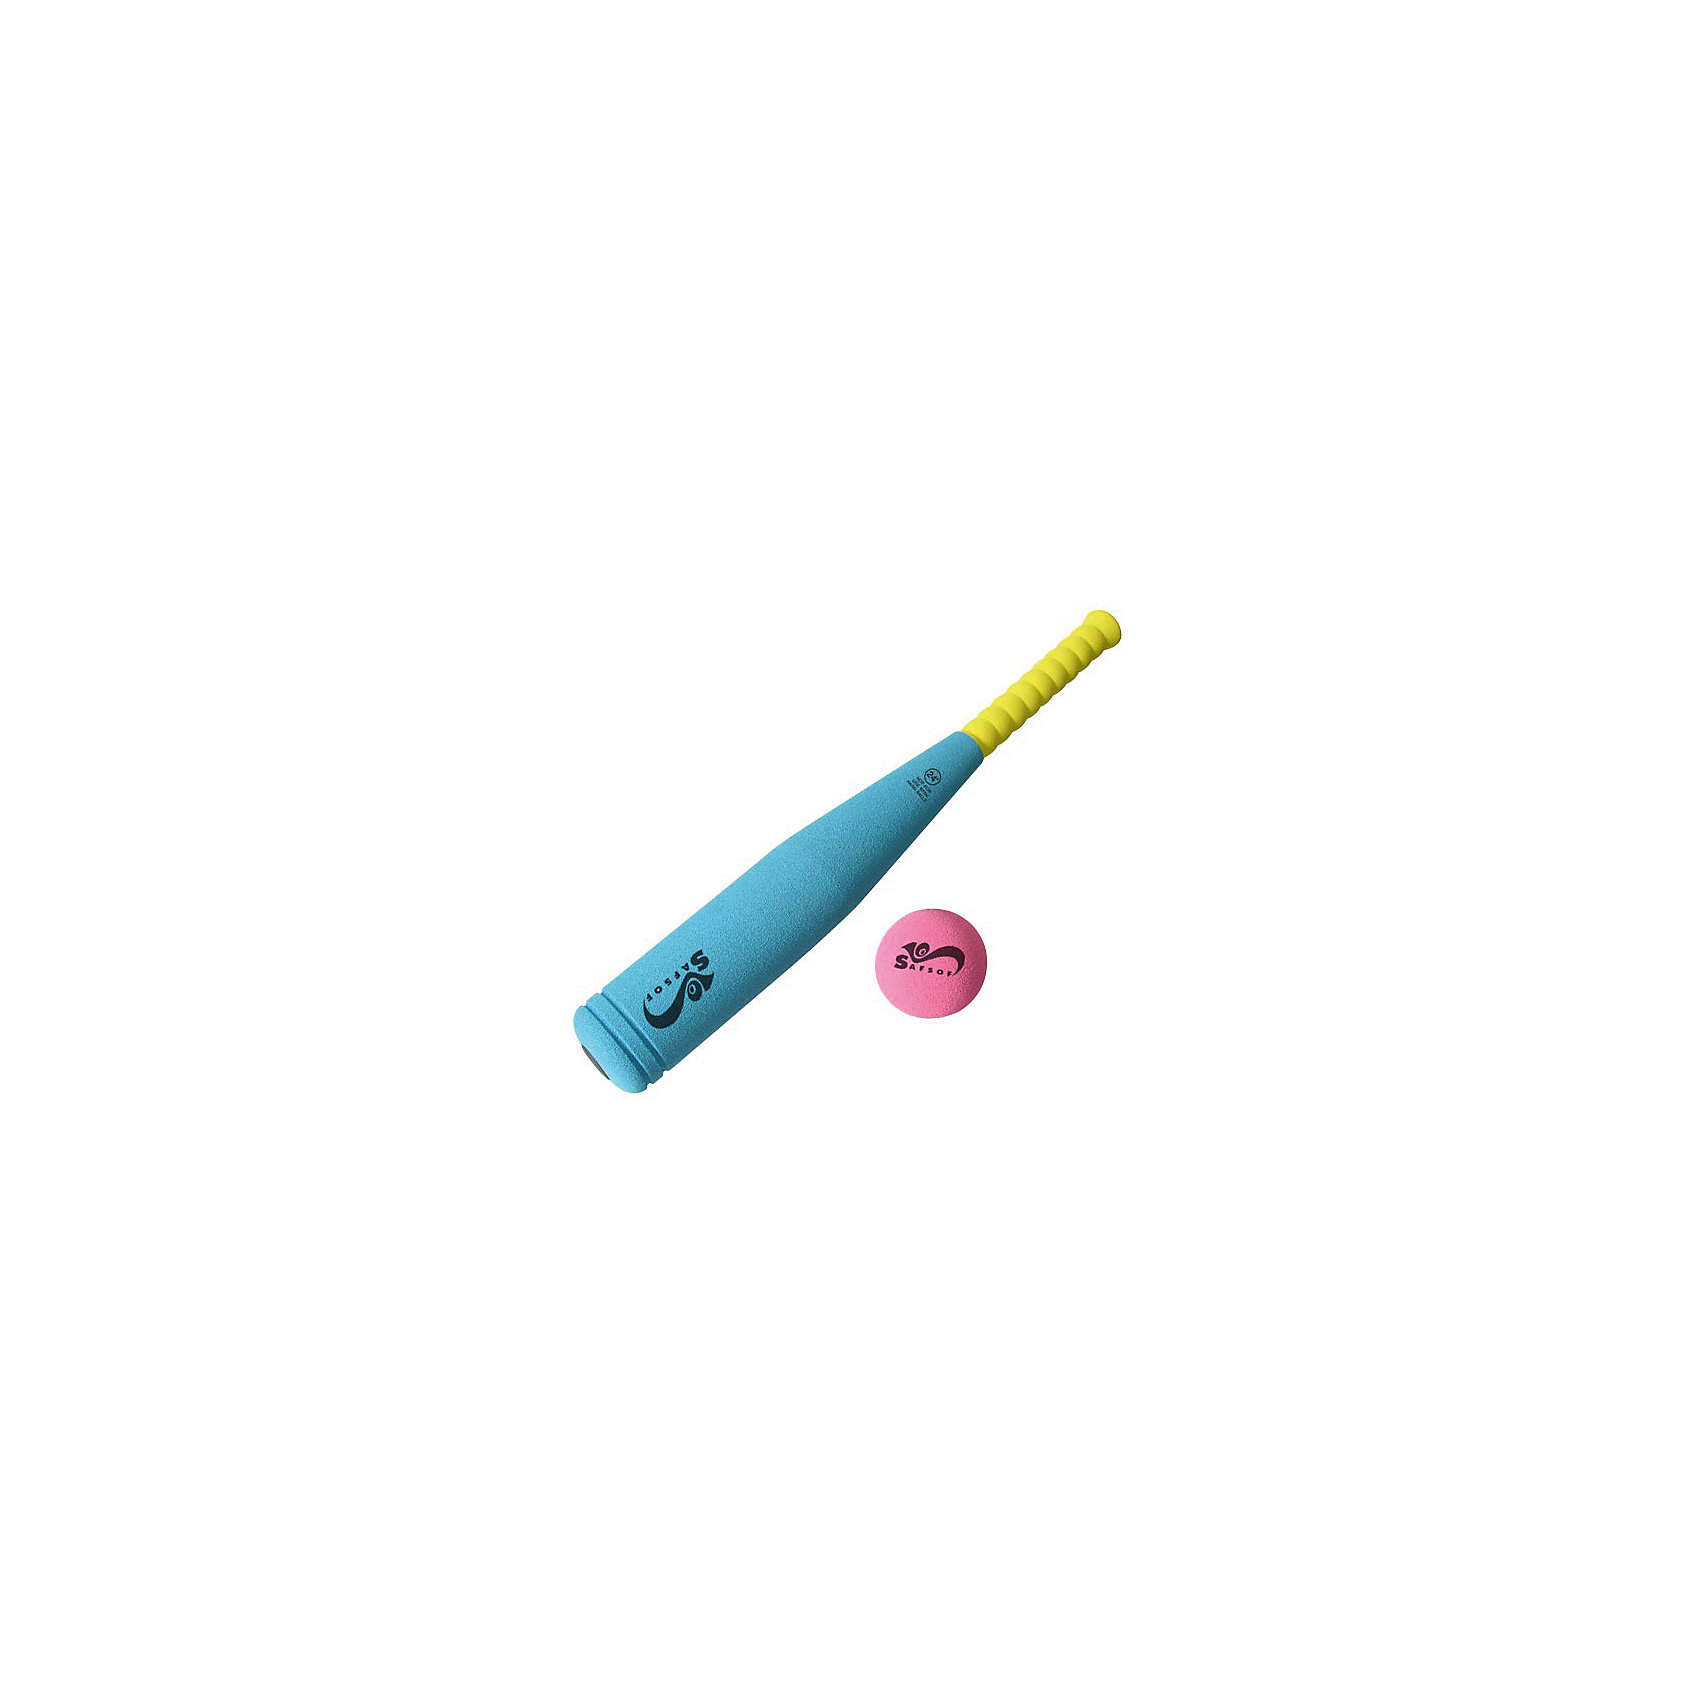 SafSof Бита бейсбольная, 45 см, SafSof safsof игровой набор бейсбольная бита и мяч цвет зеленый желтый